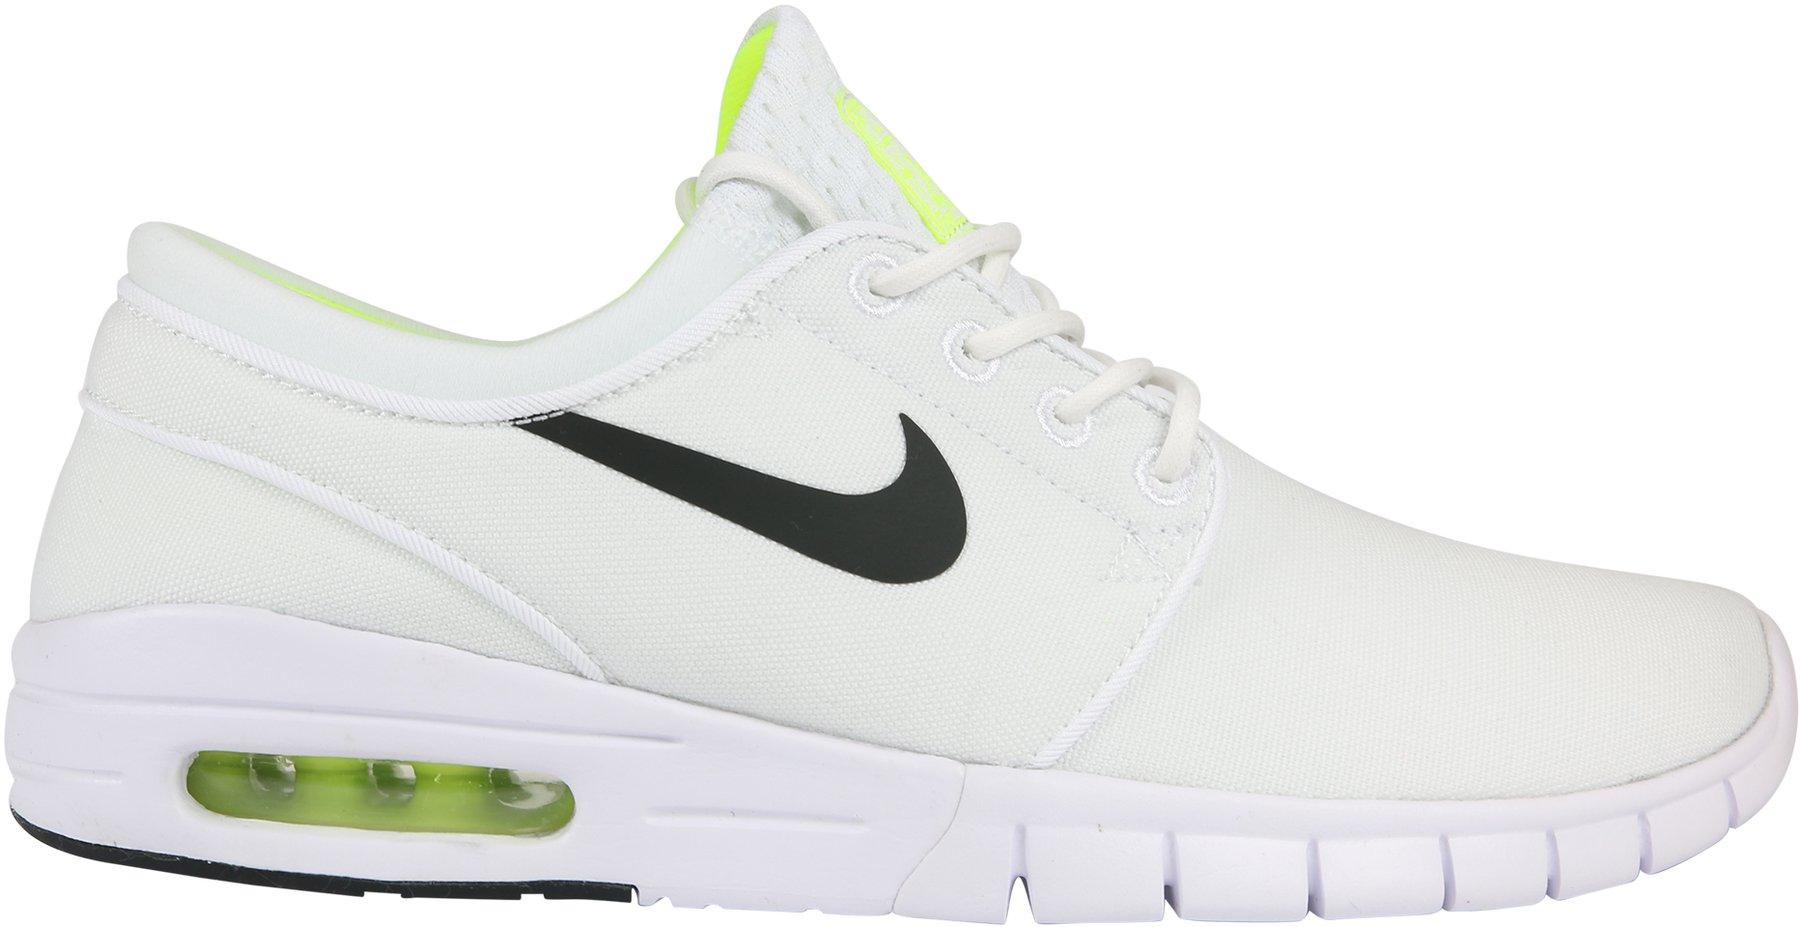 a2580f9f139fc6 Nike SB Stefan Janoski Max white volt white black ab 93